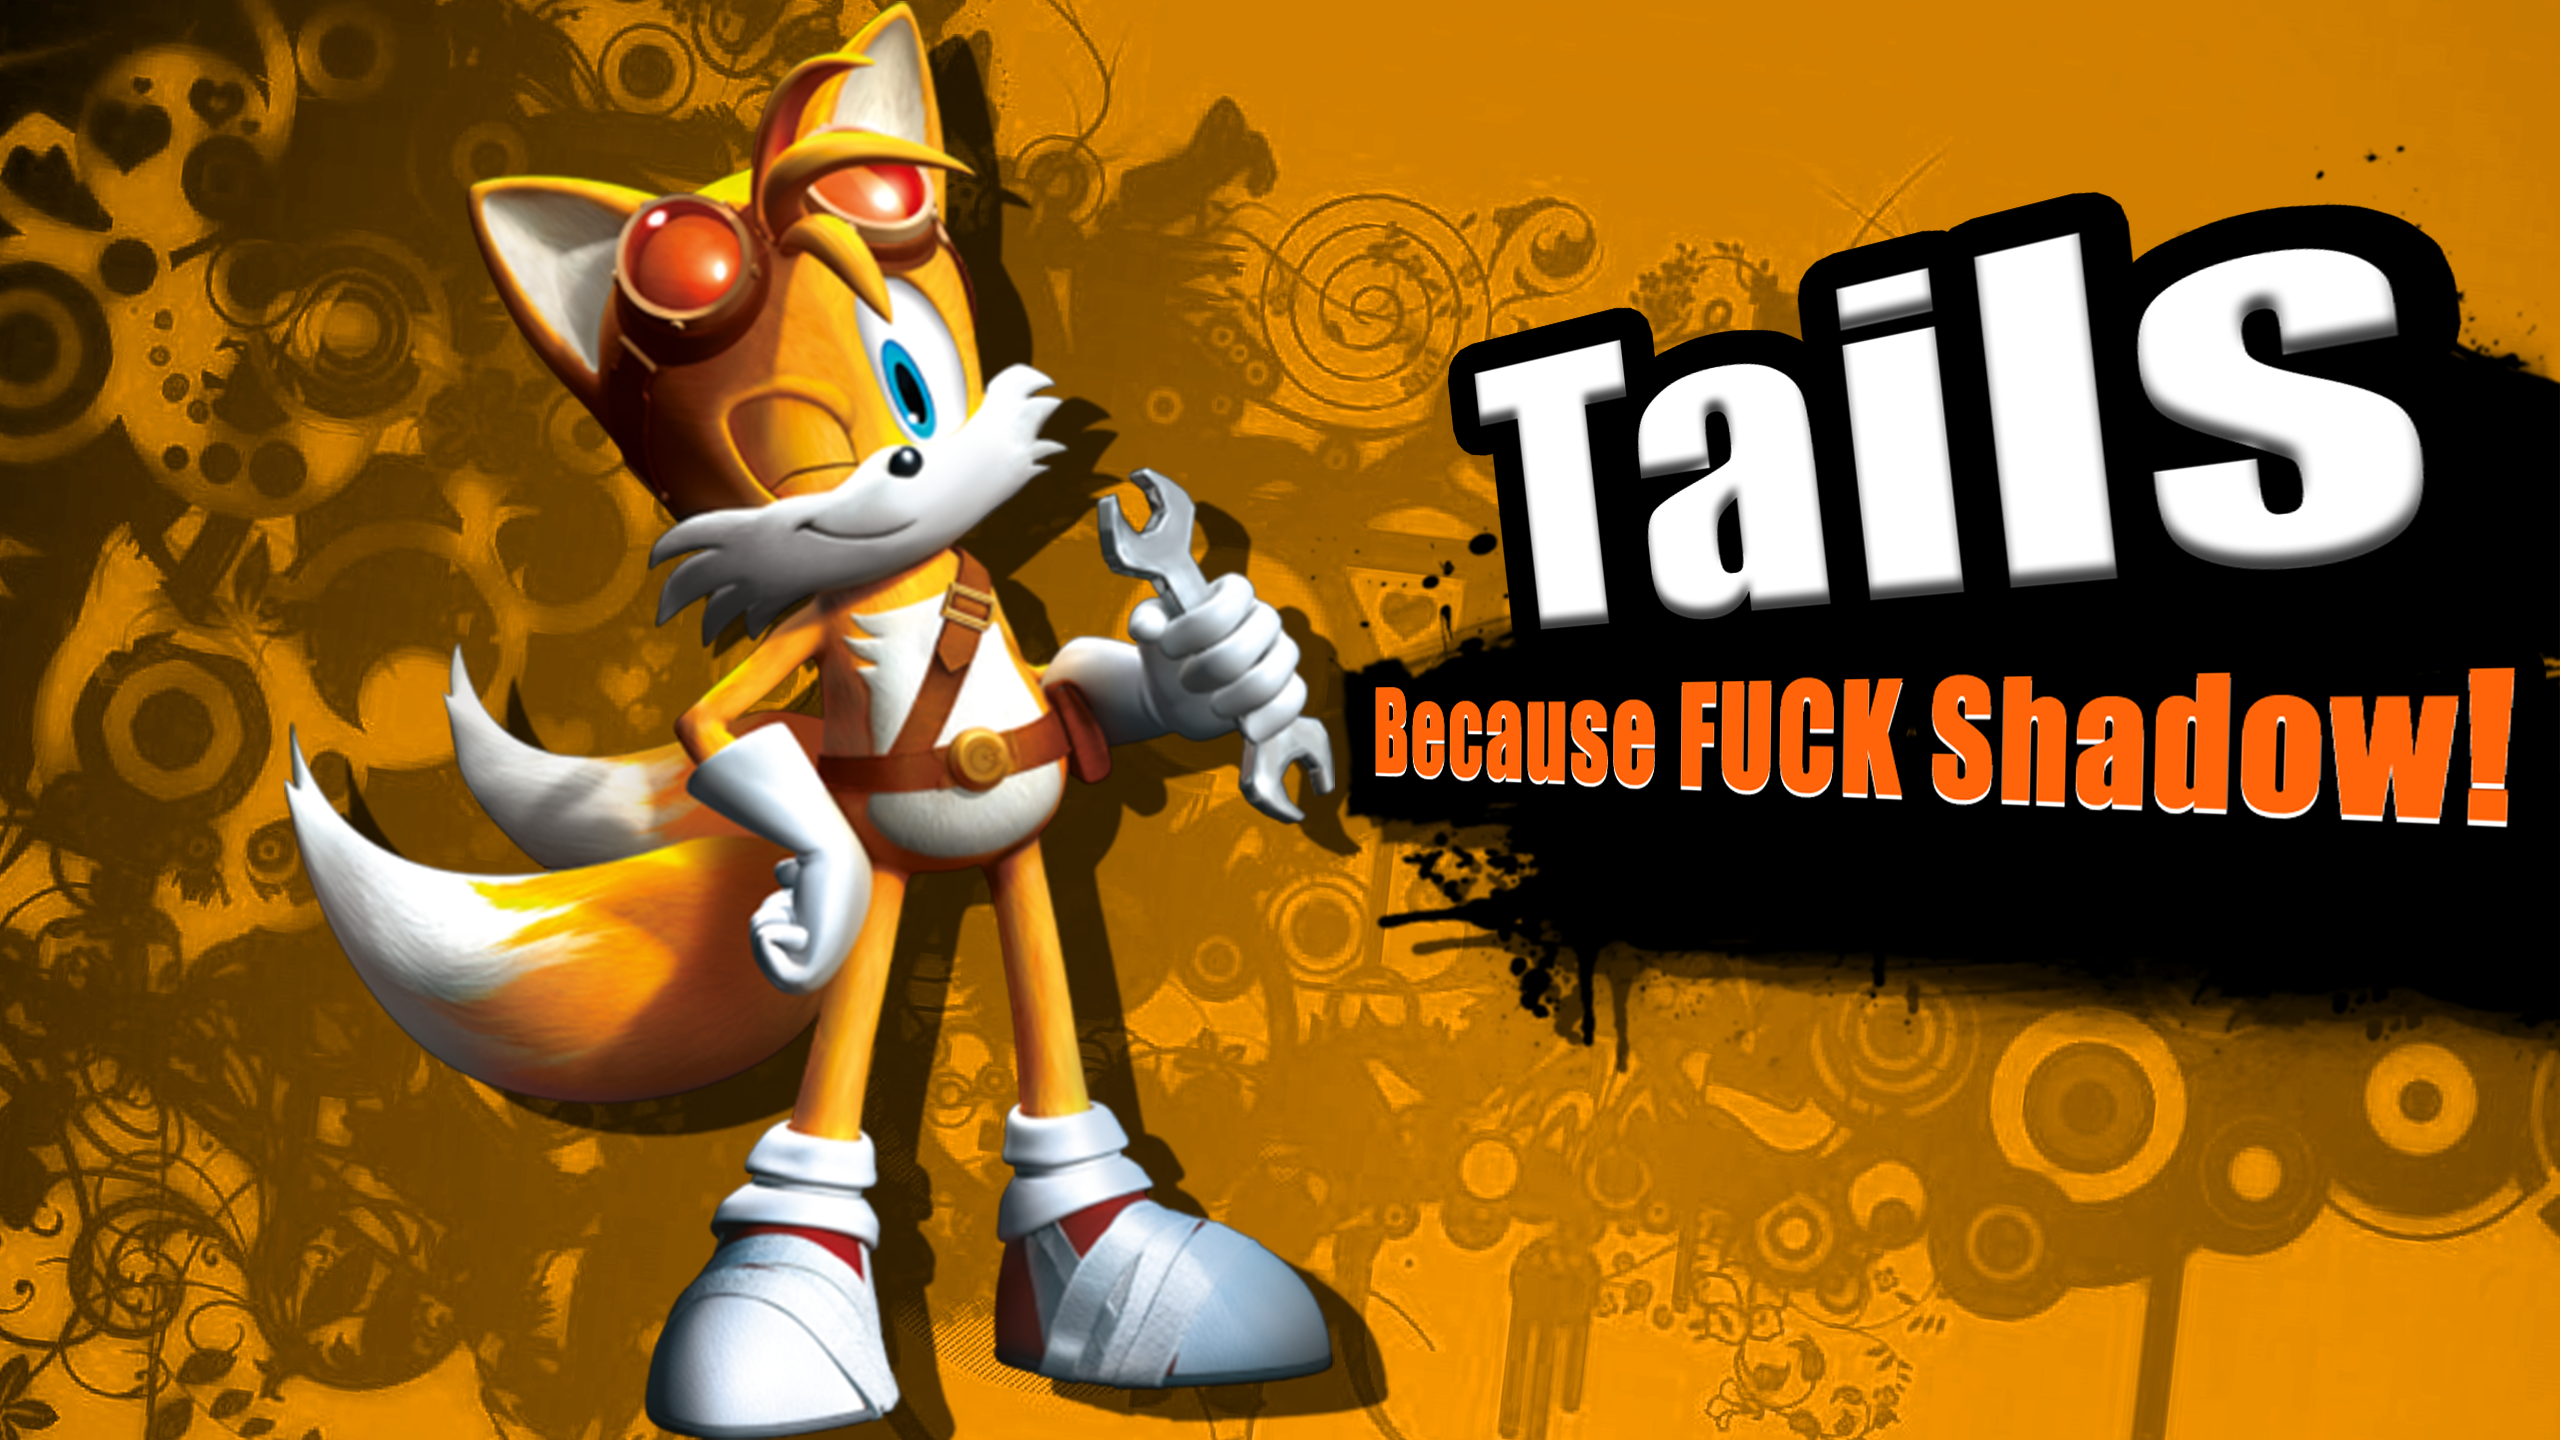 Designe deinen eigenen Smash Character - Seite 2 - Charaktere - Das ...